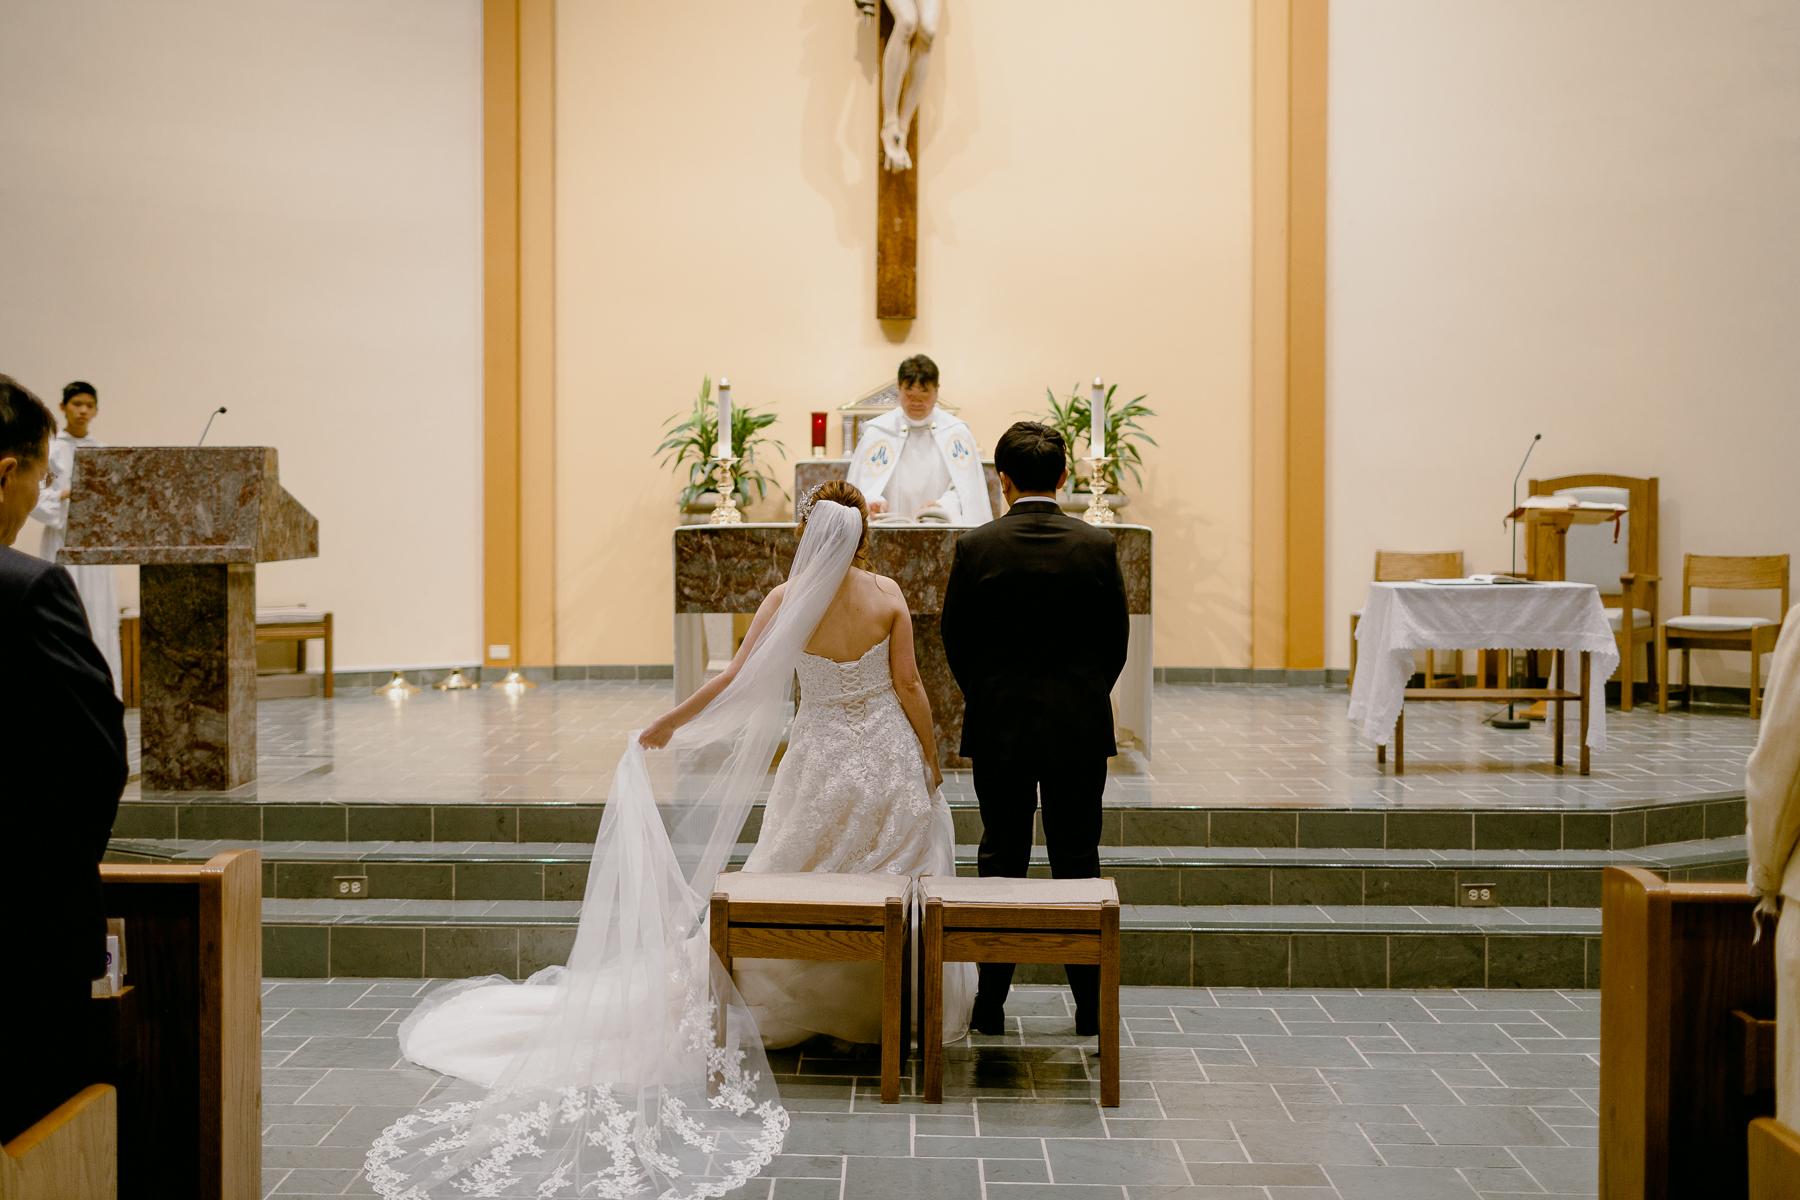 markham-wedding-photography-markham-museum-wedding 0036.jpg